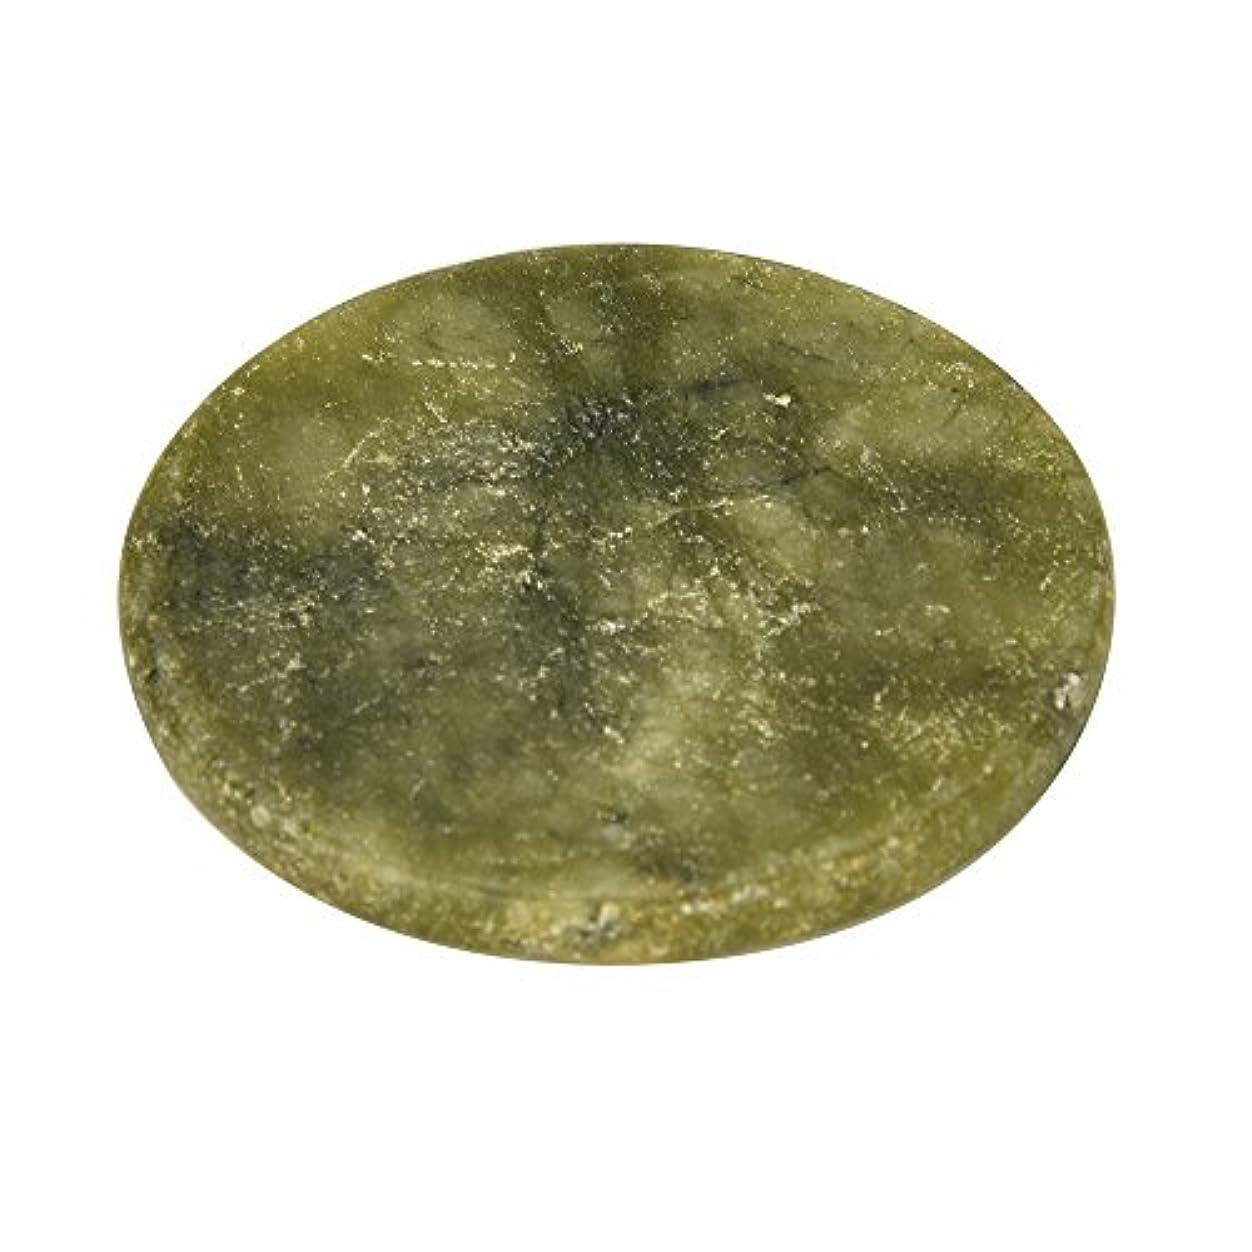 青写真簡単に堂々たる自然な玉石の再使用可能なまつげパッドパレット立場??は緩い延長をします